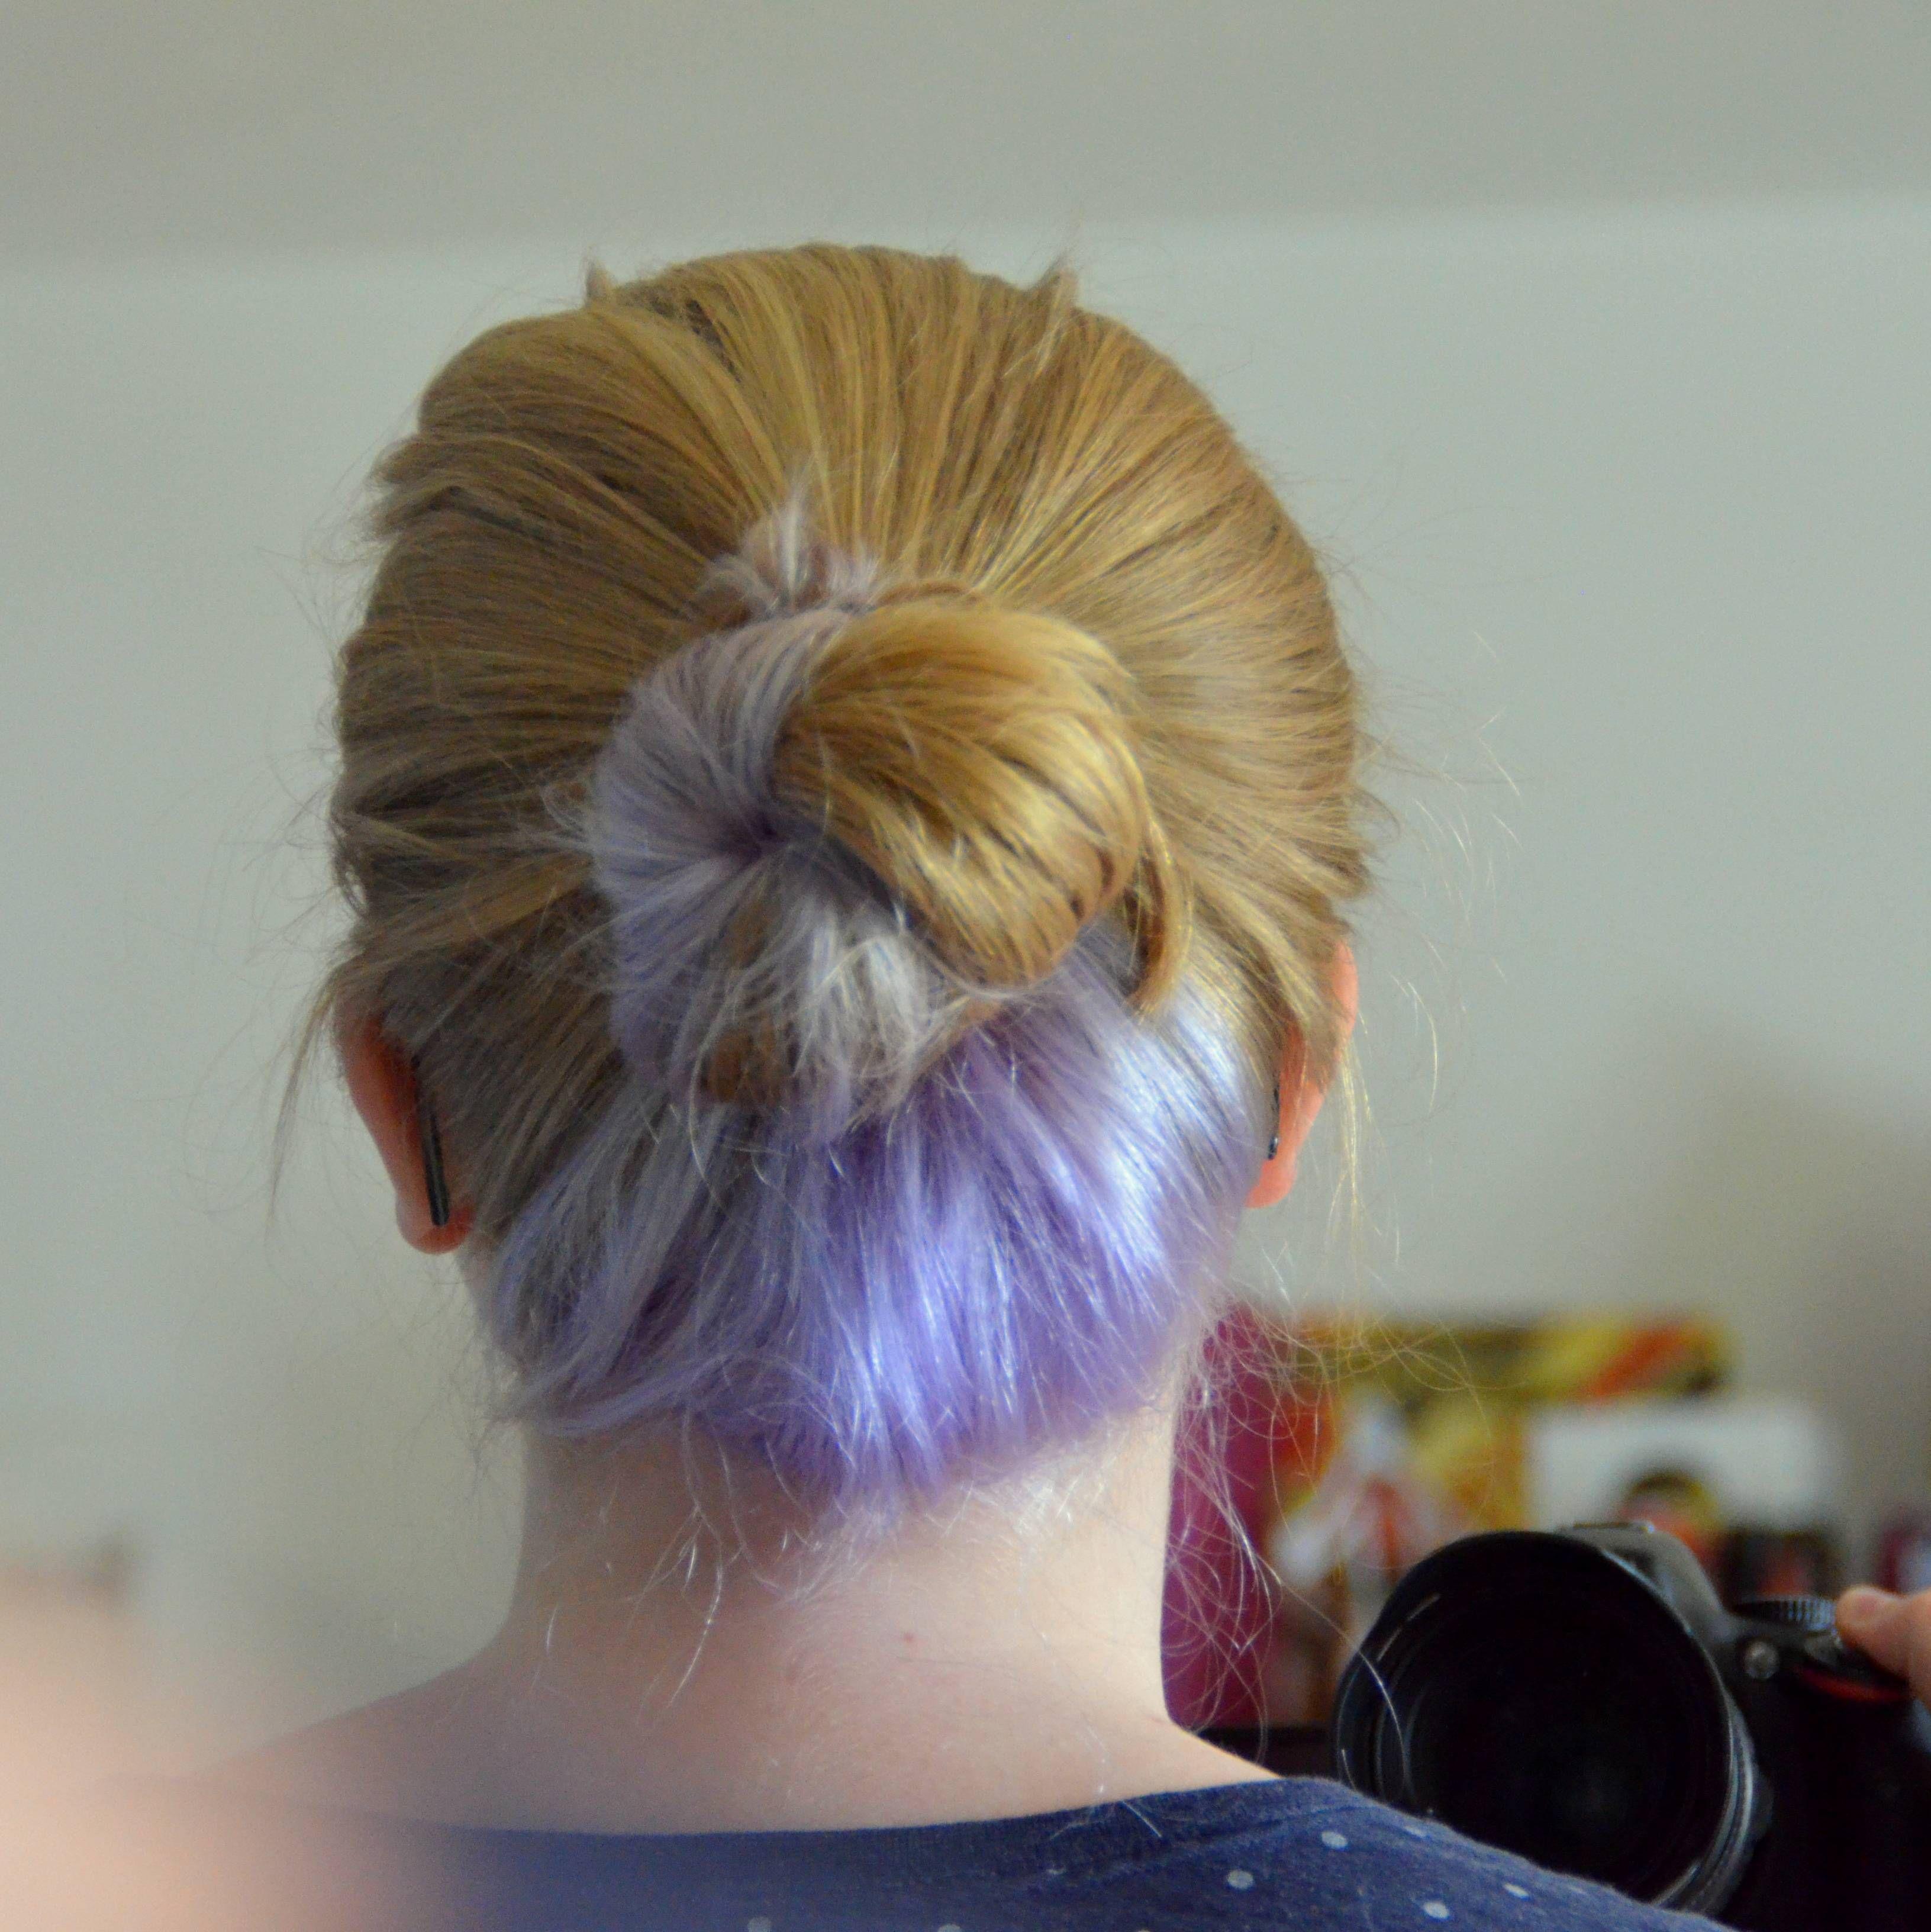 Surprise Colorful Hair Dye Jobs Hair Color Underneath Hair Color Highlights Hair Styles